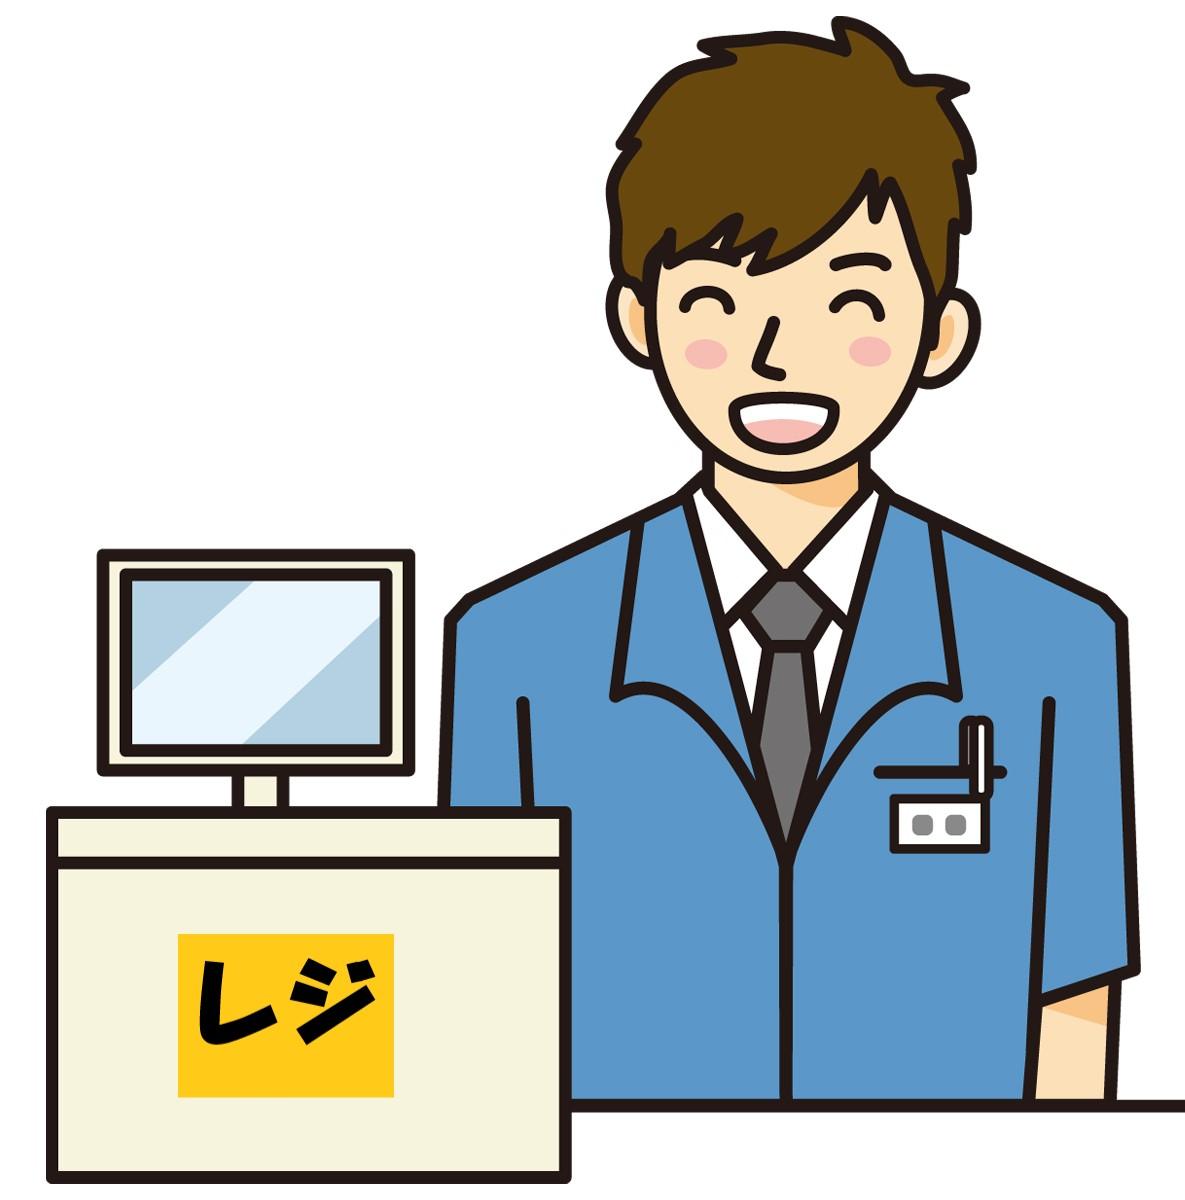 レジ打ち業務をする学生のコンビニバイト